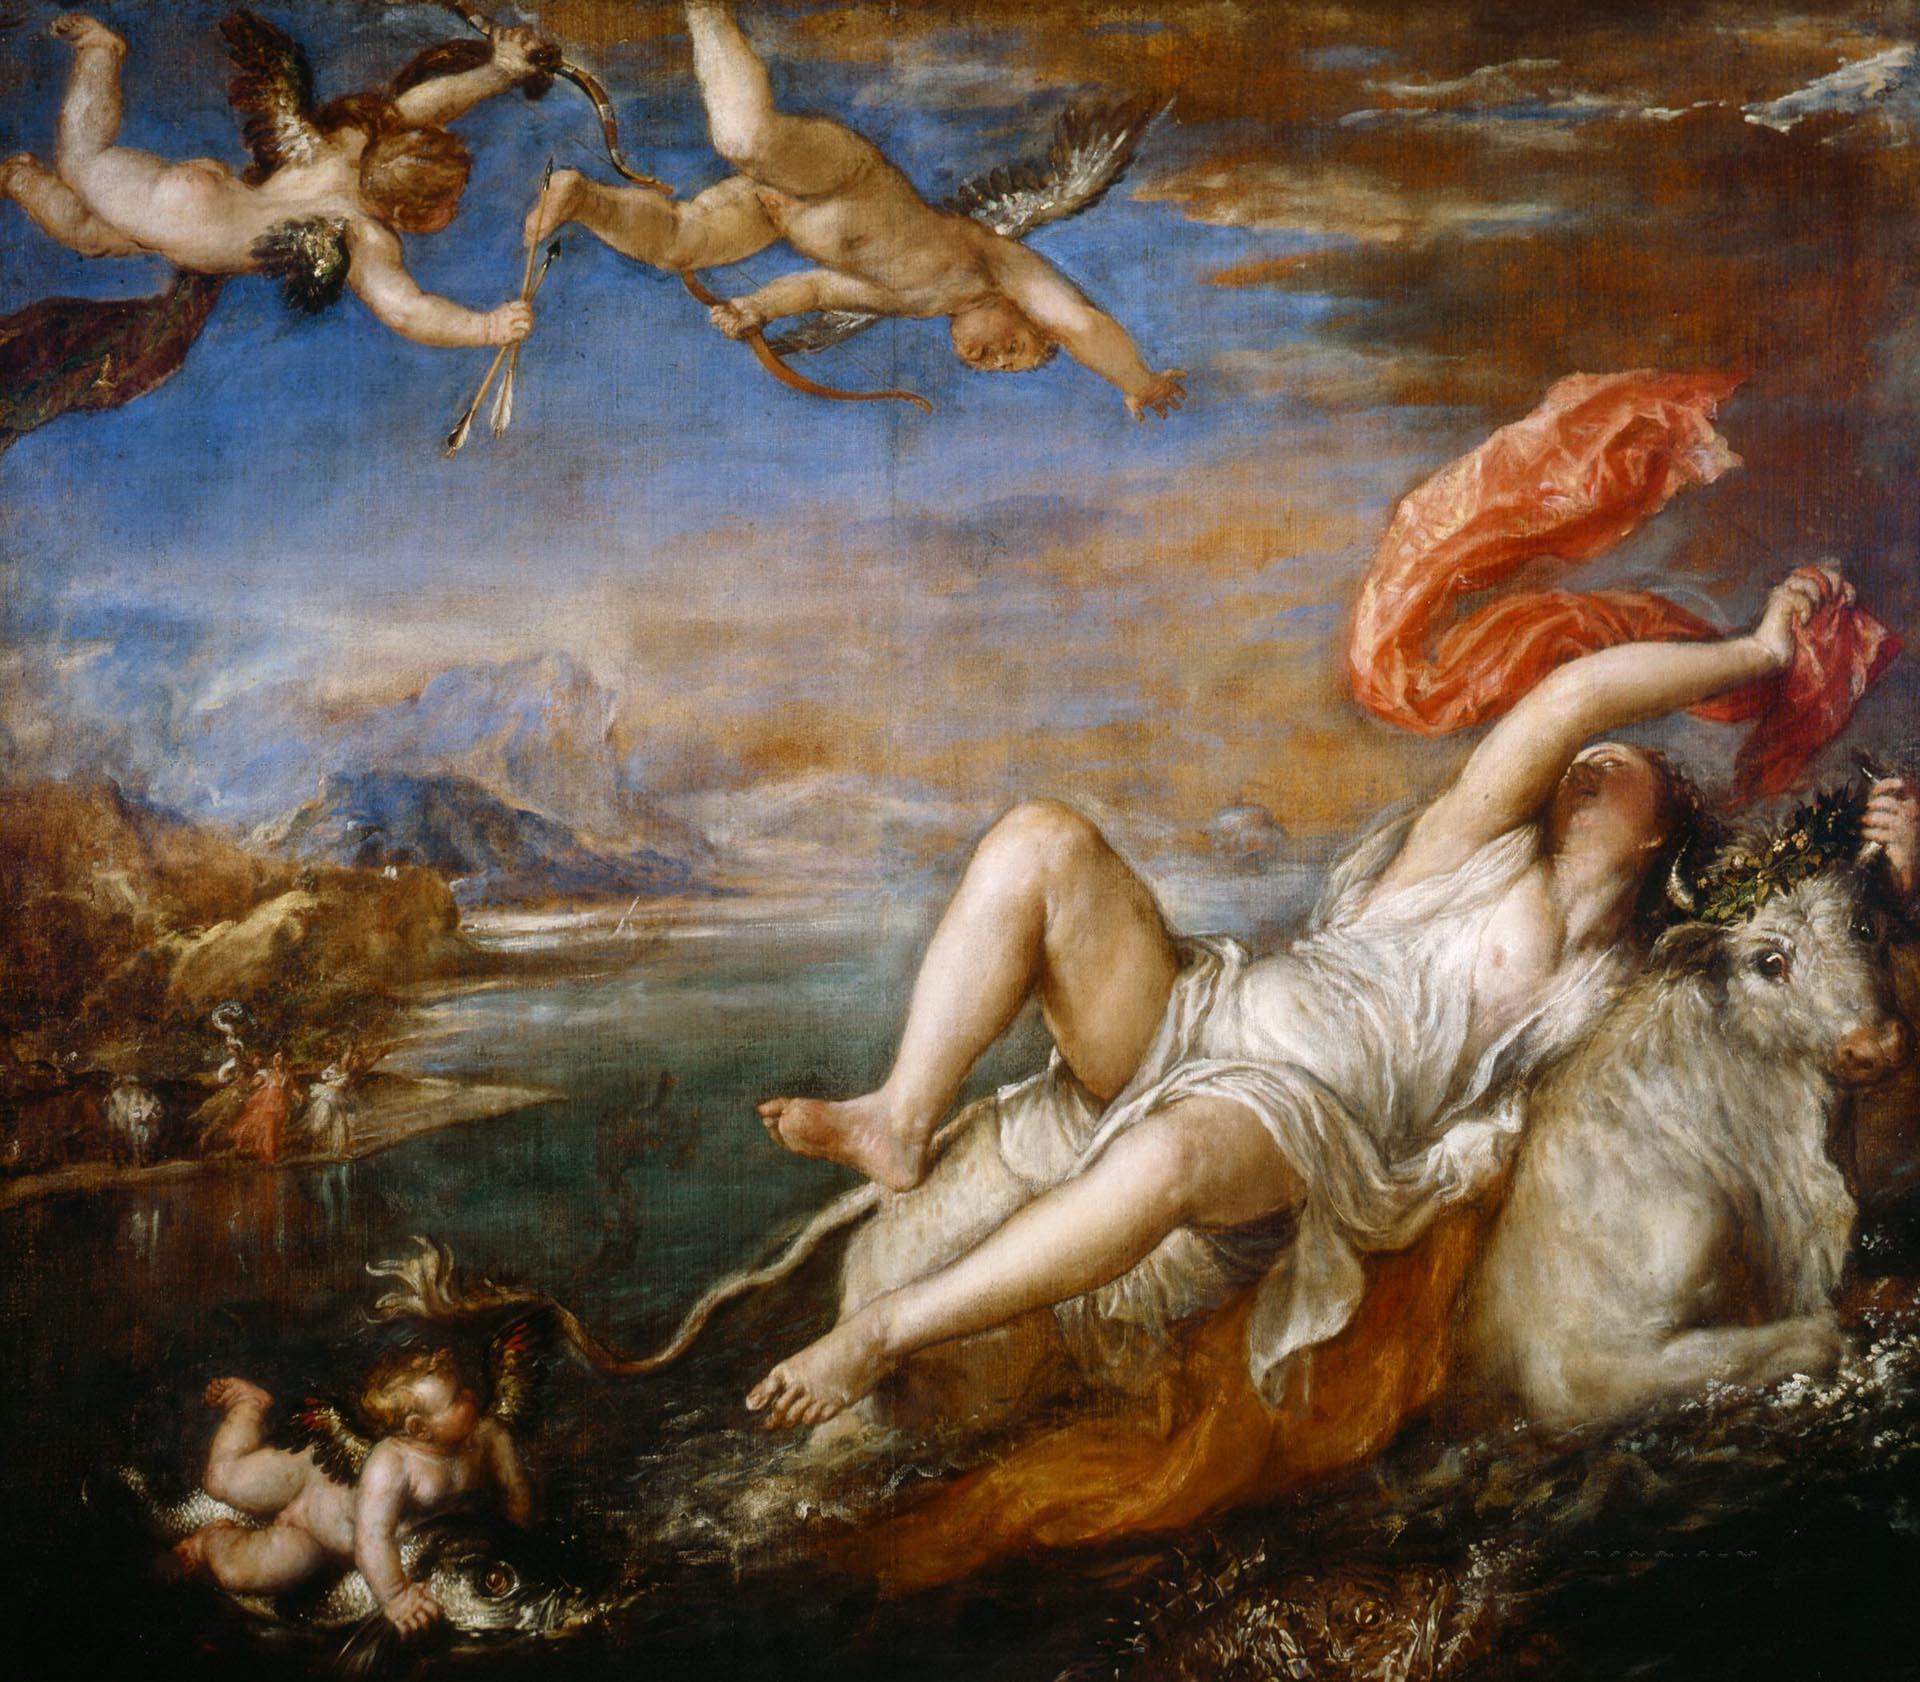 Тициан Вечеллио (Tiziano Vecellio), Похищение Европы